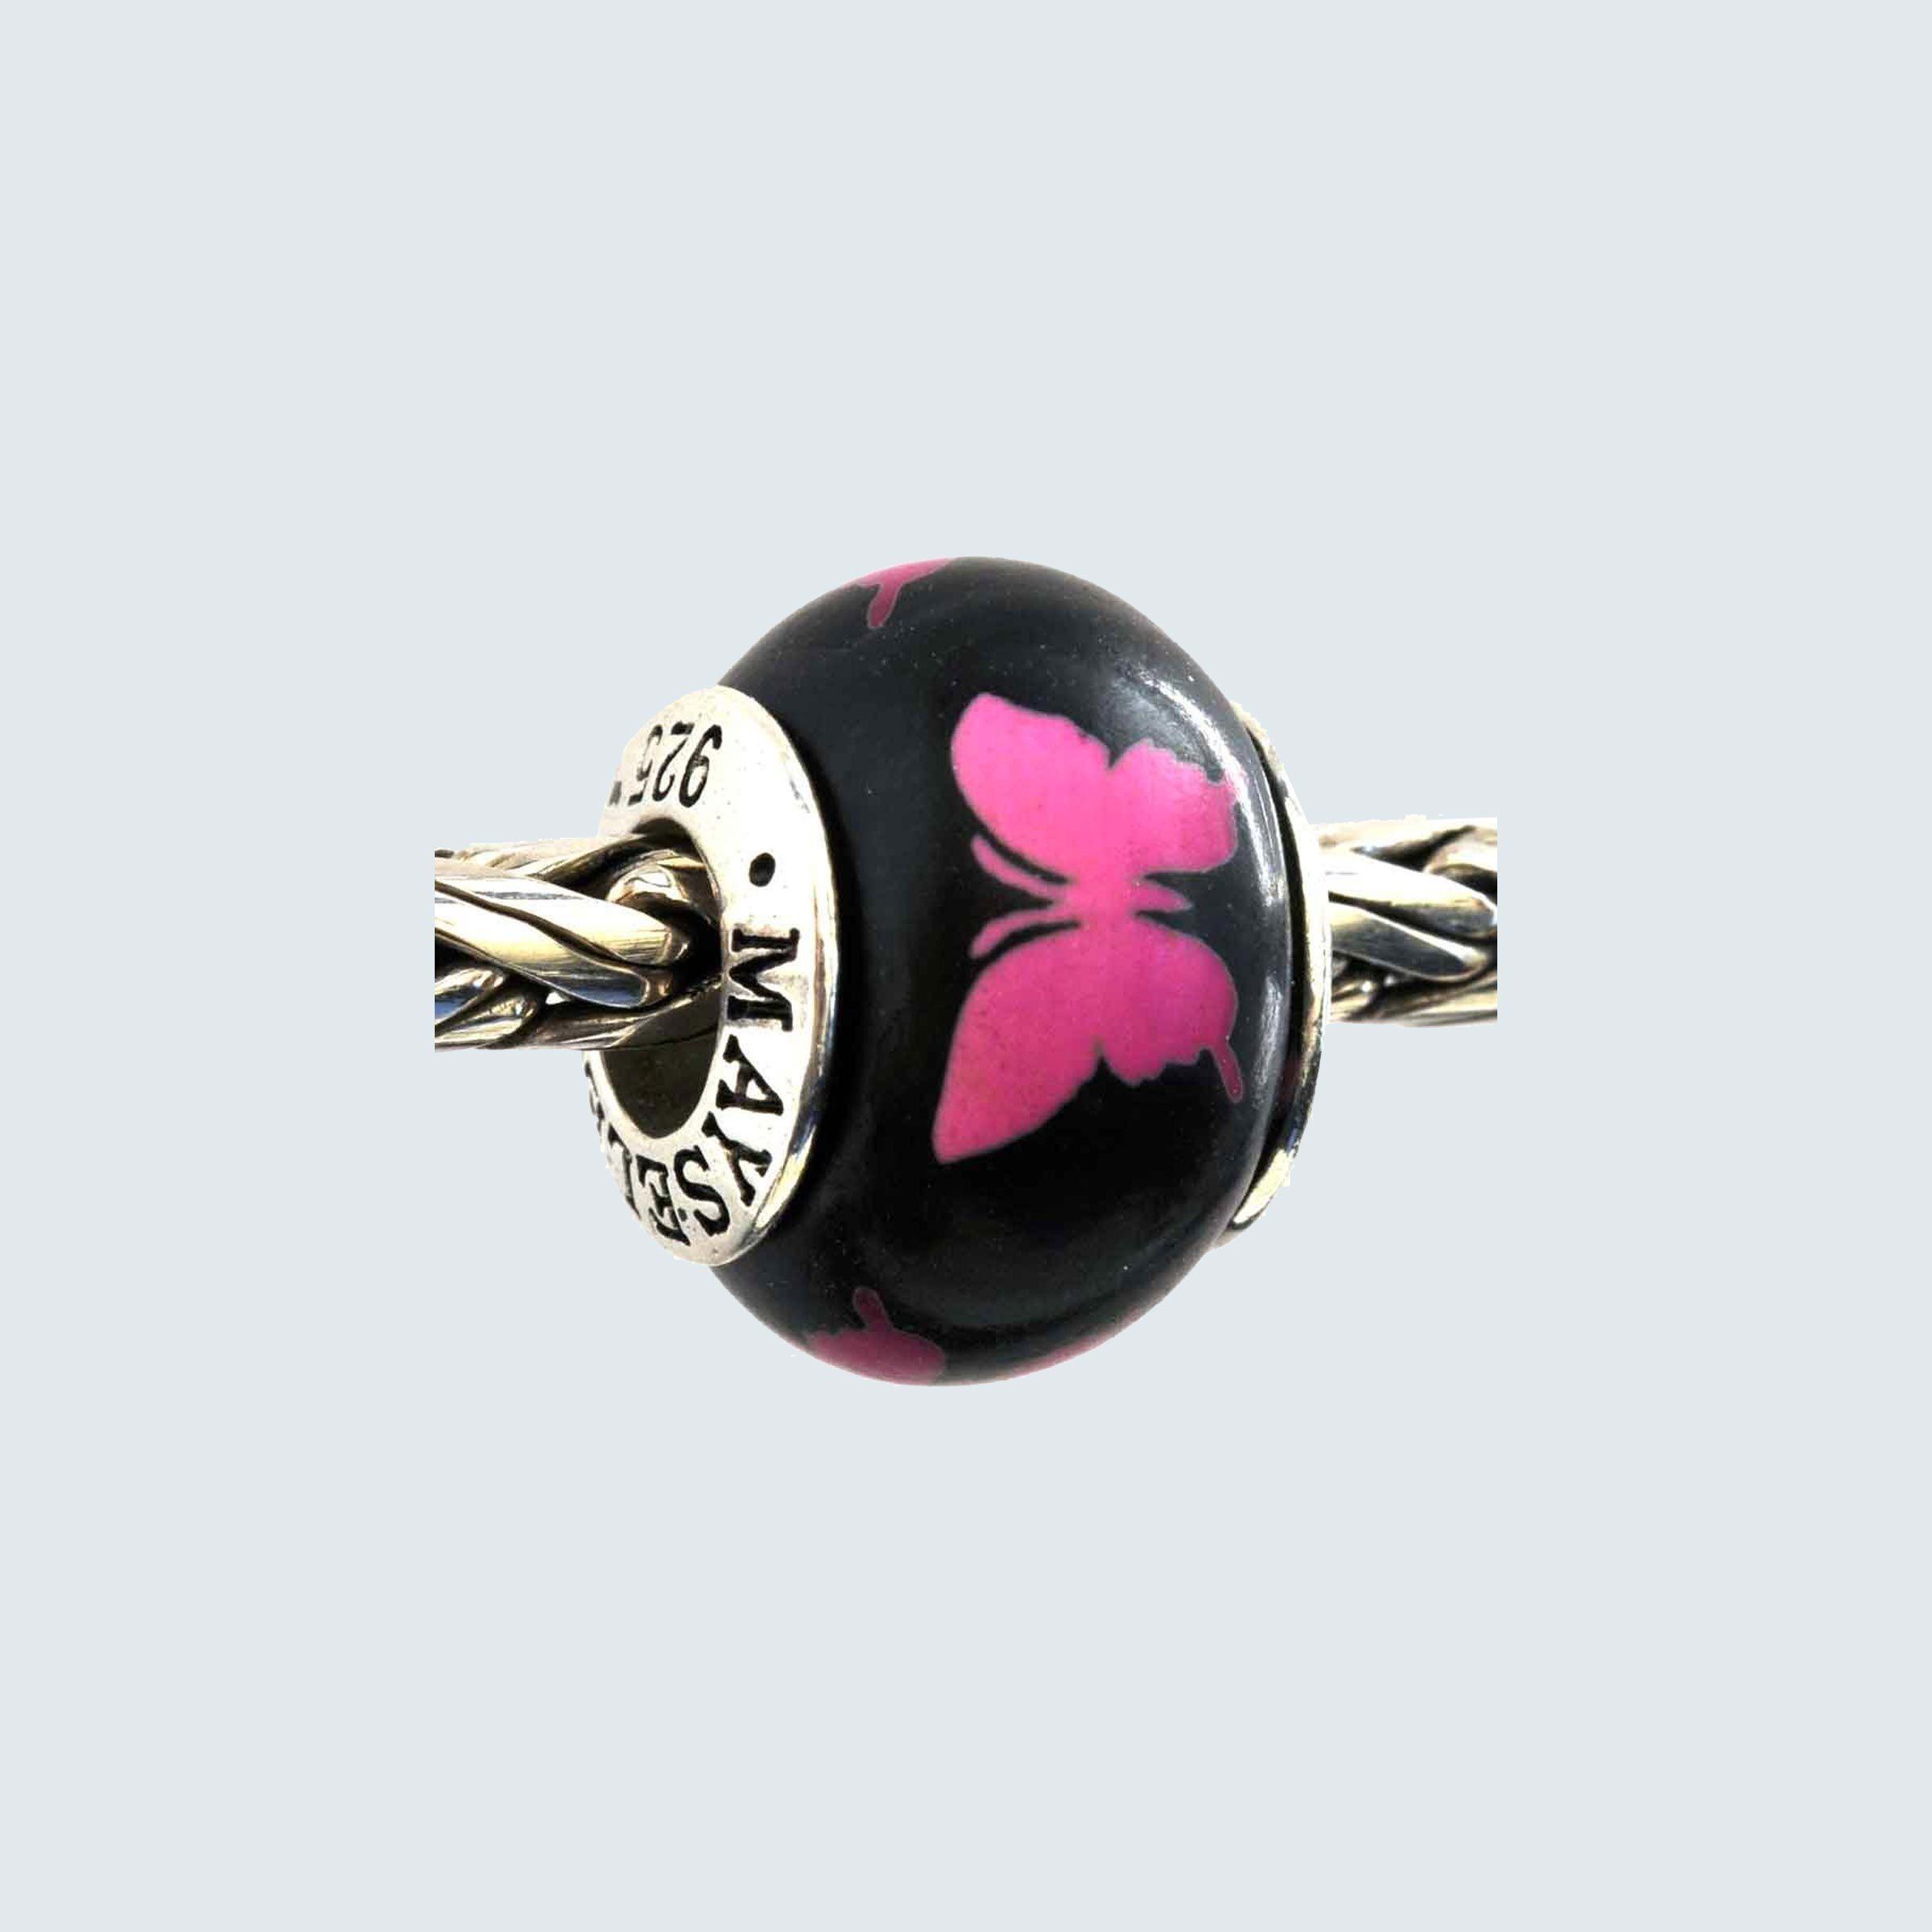 MAYSelect Handmade Clay Charm Beads